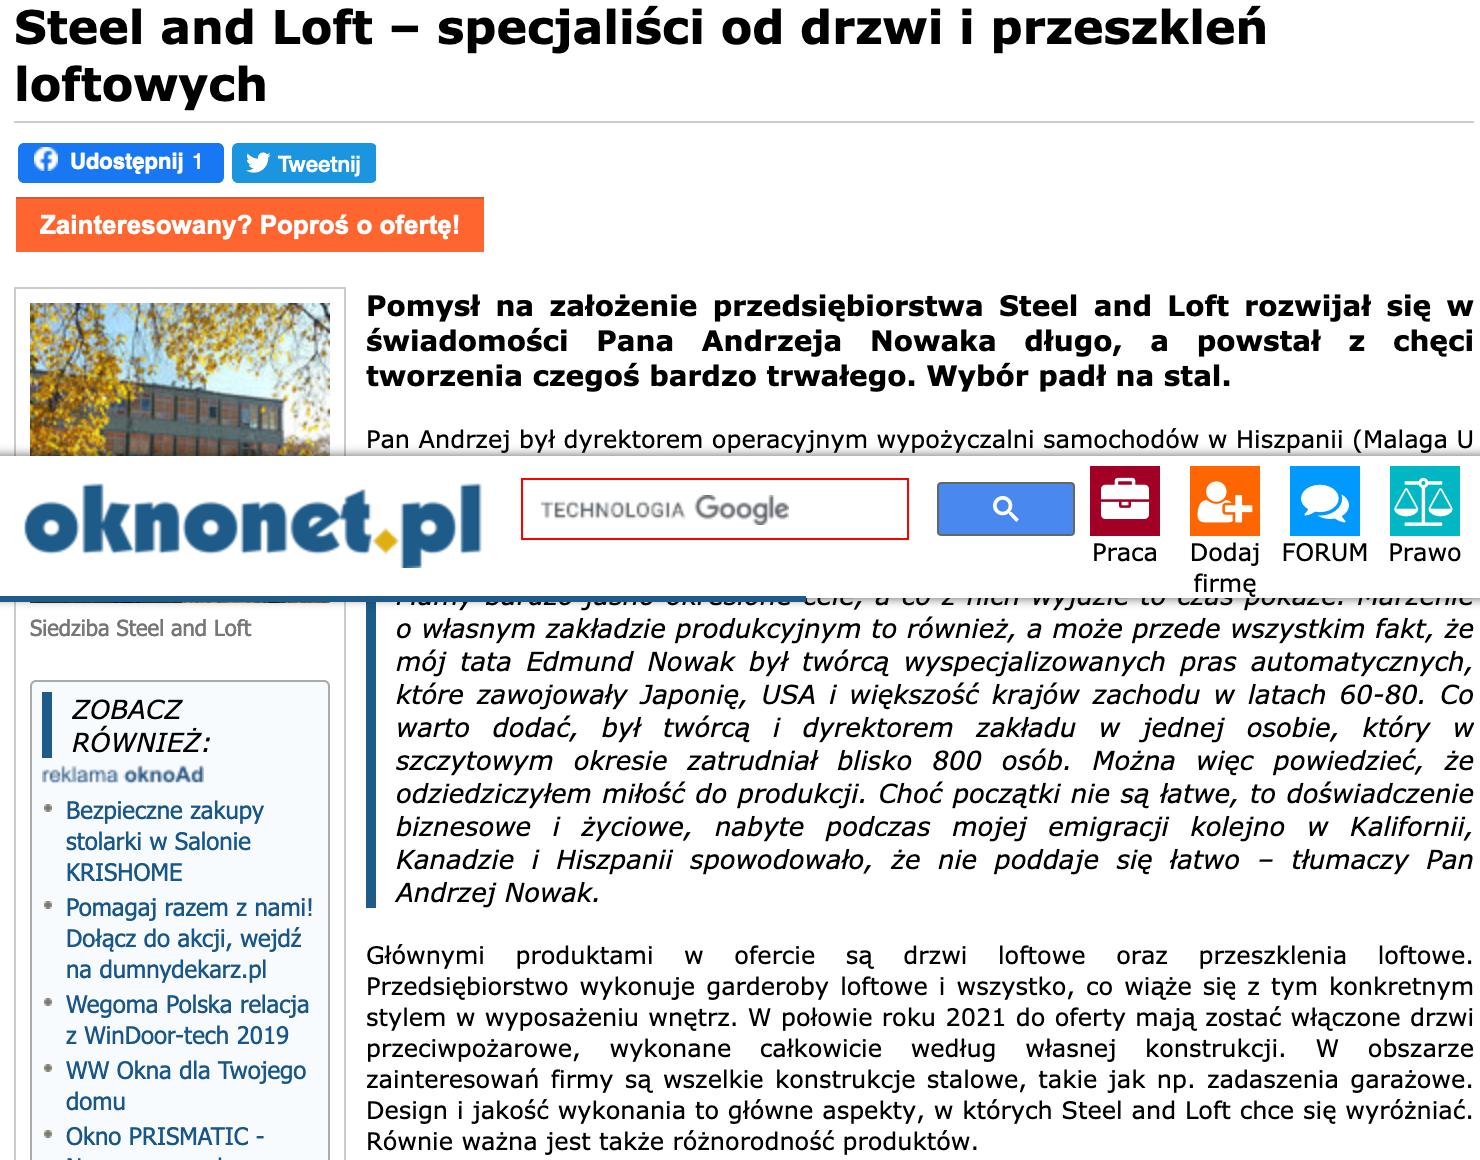 Screenshot_2021-04-08 Steel and Loft – specjaliści od drzwi i przeszkleń loftowych – Oknonet pl